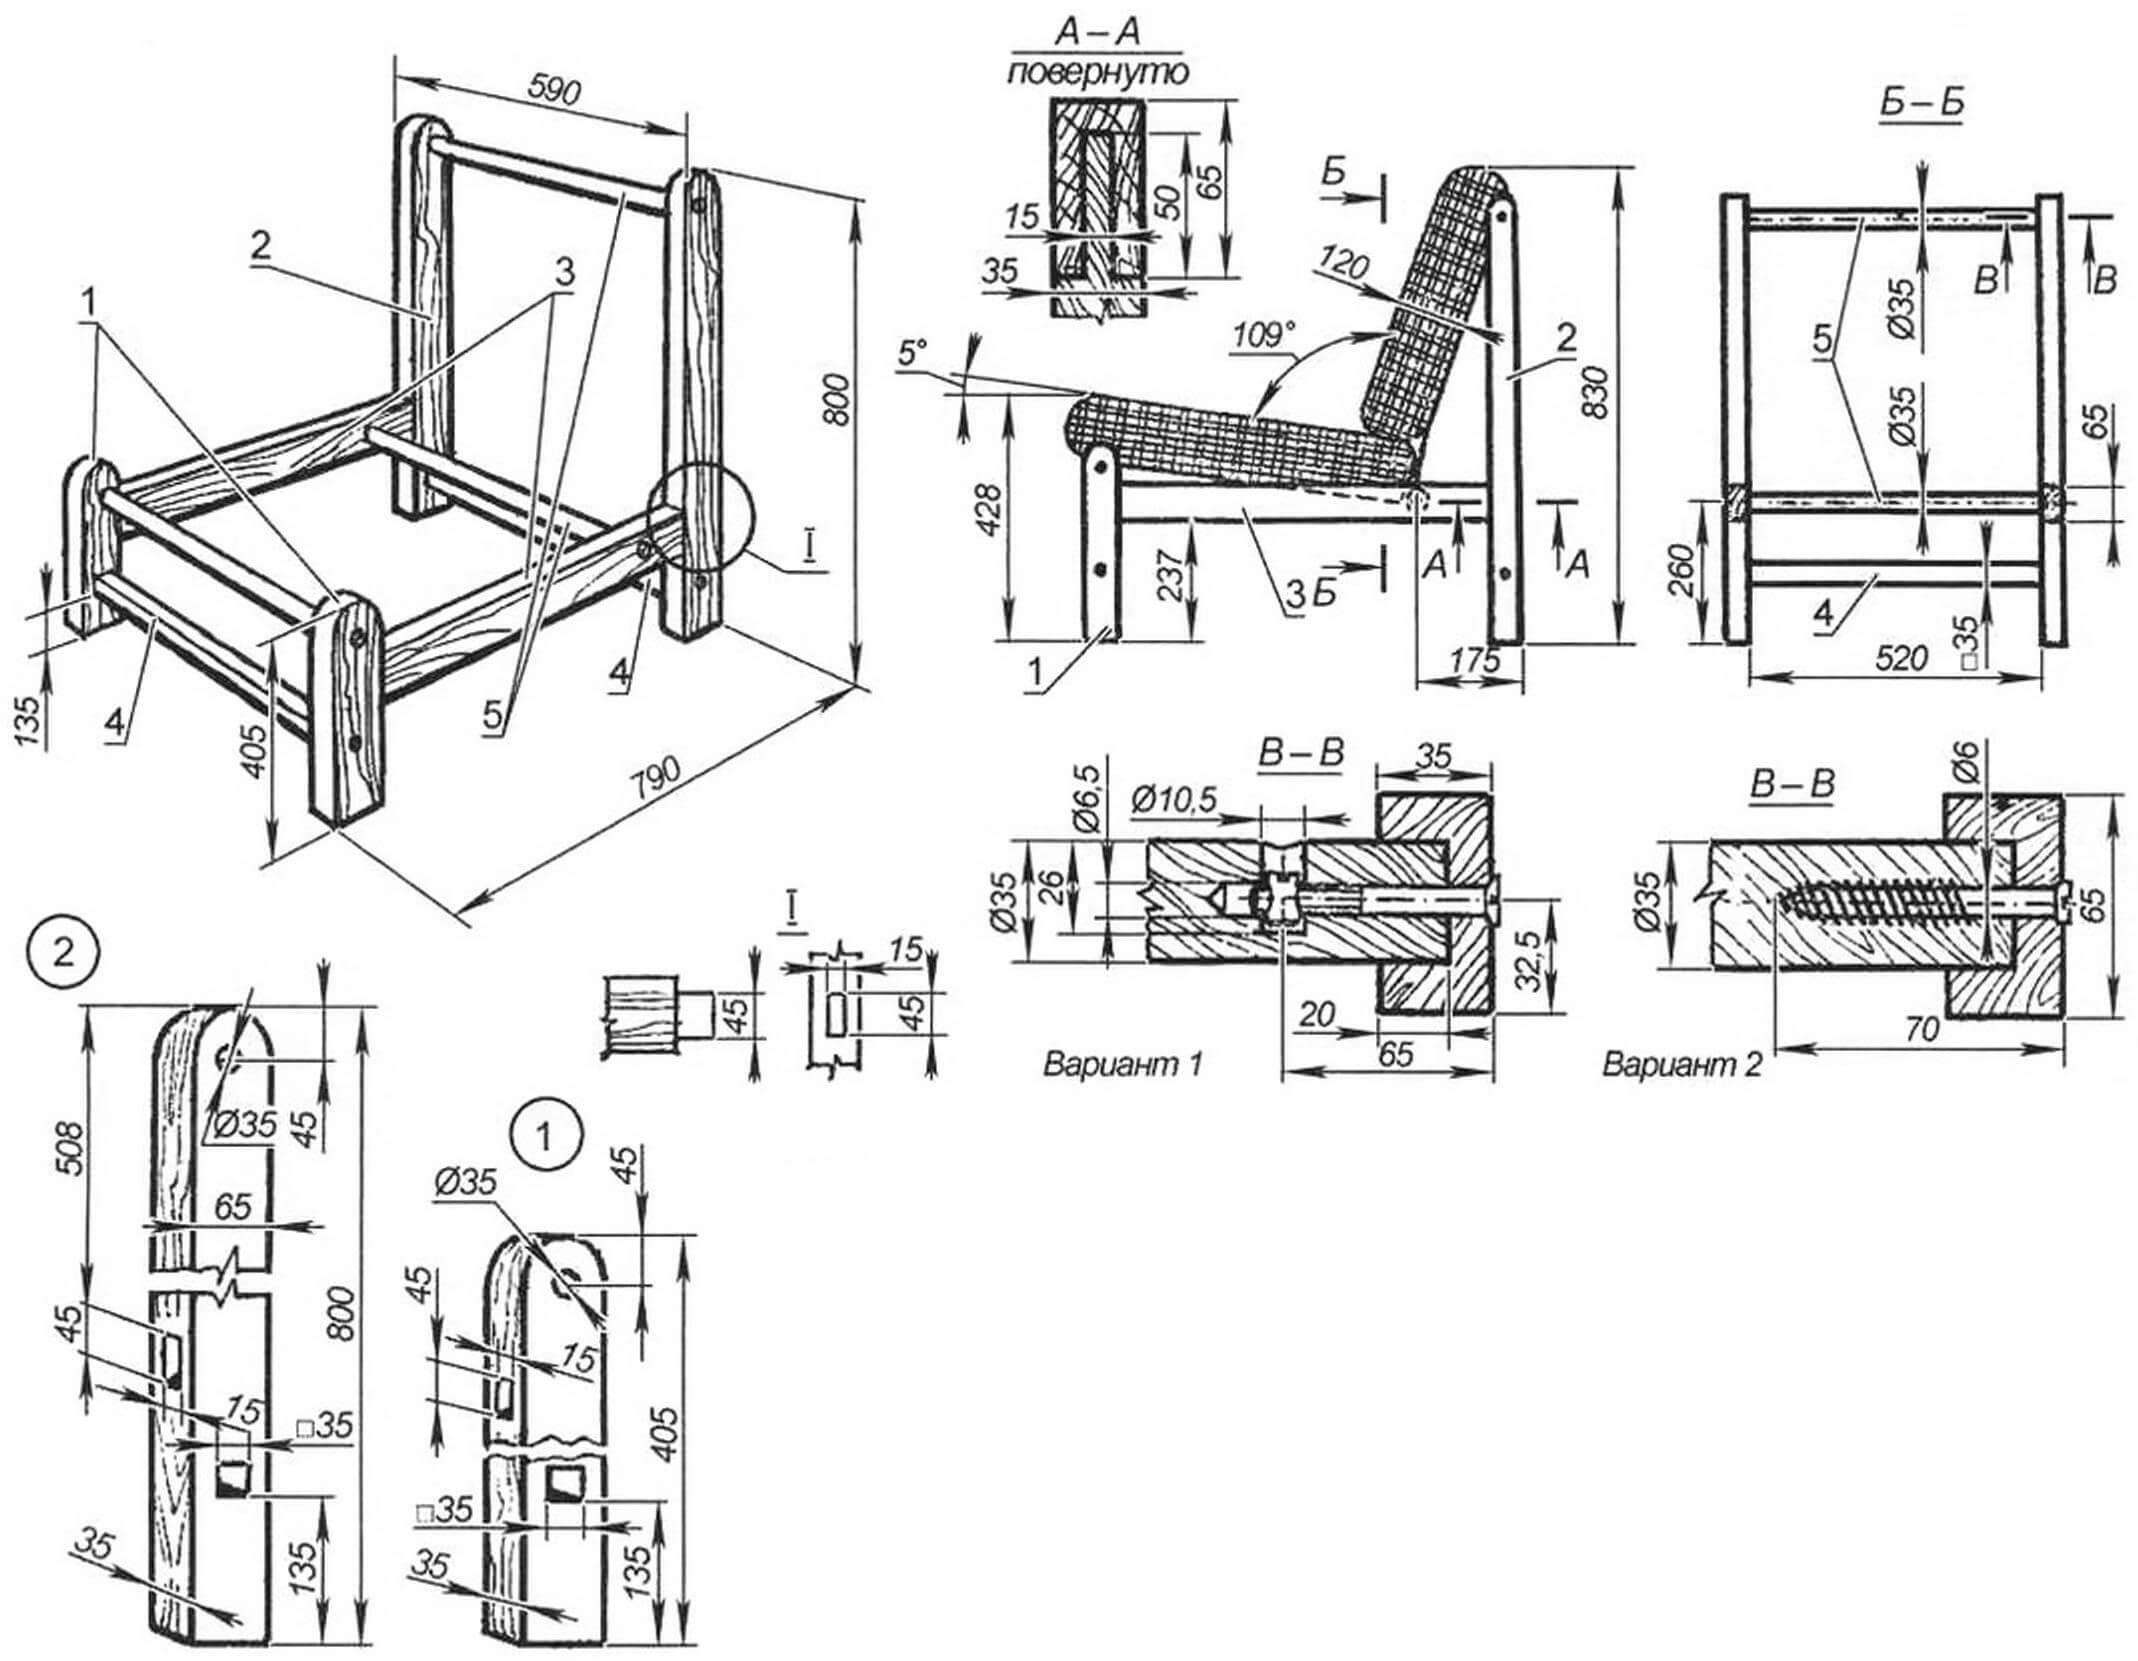 Самодельное кресло и основные детали